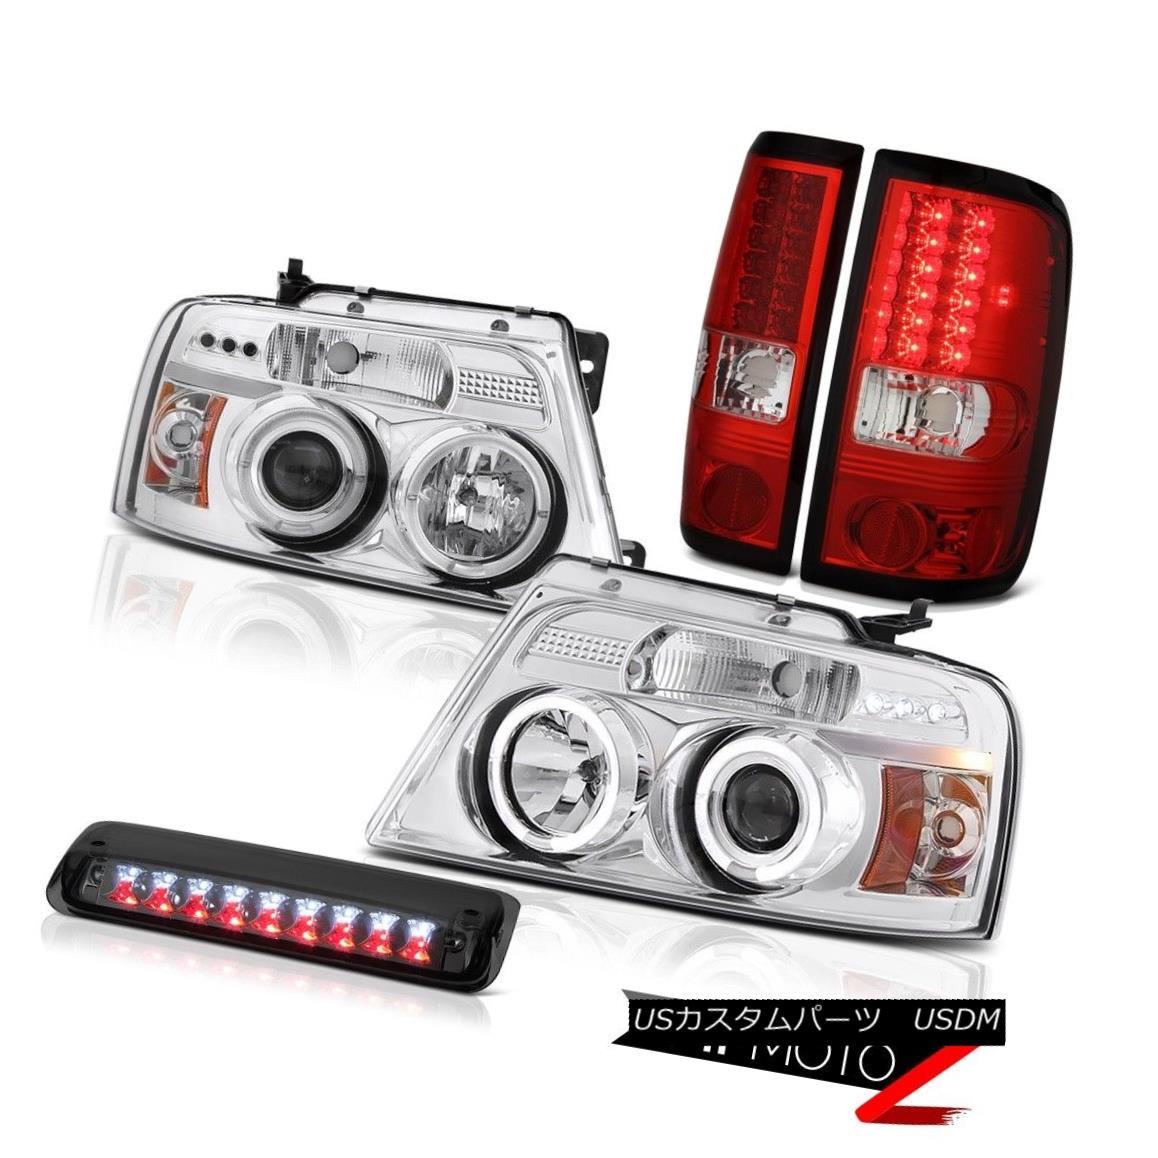 テールライト 04-08 Ford F150 XLT Roof Cargo Lamp Headlamps Red Clear Taillamps LED Dual Halo 04-08 Ford F150 XLTルーフカーゴランプヘッドランプレッドクリアタイルランプLEDデュアルヘイロー